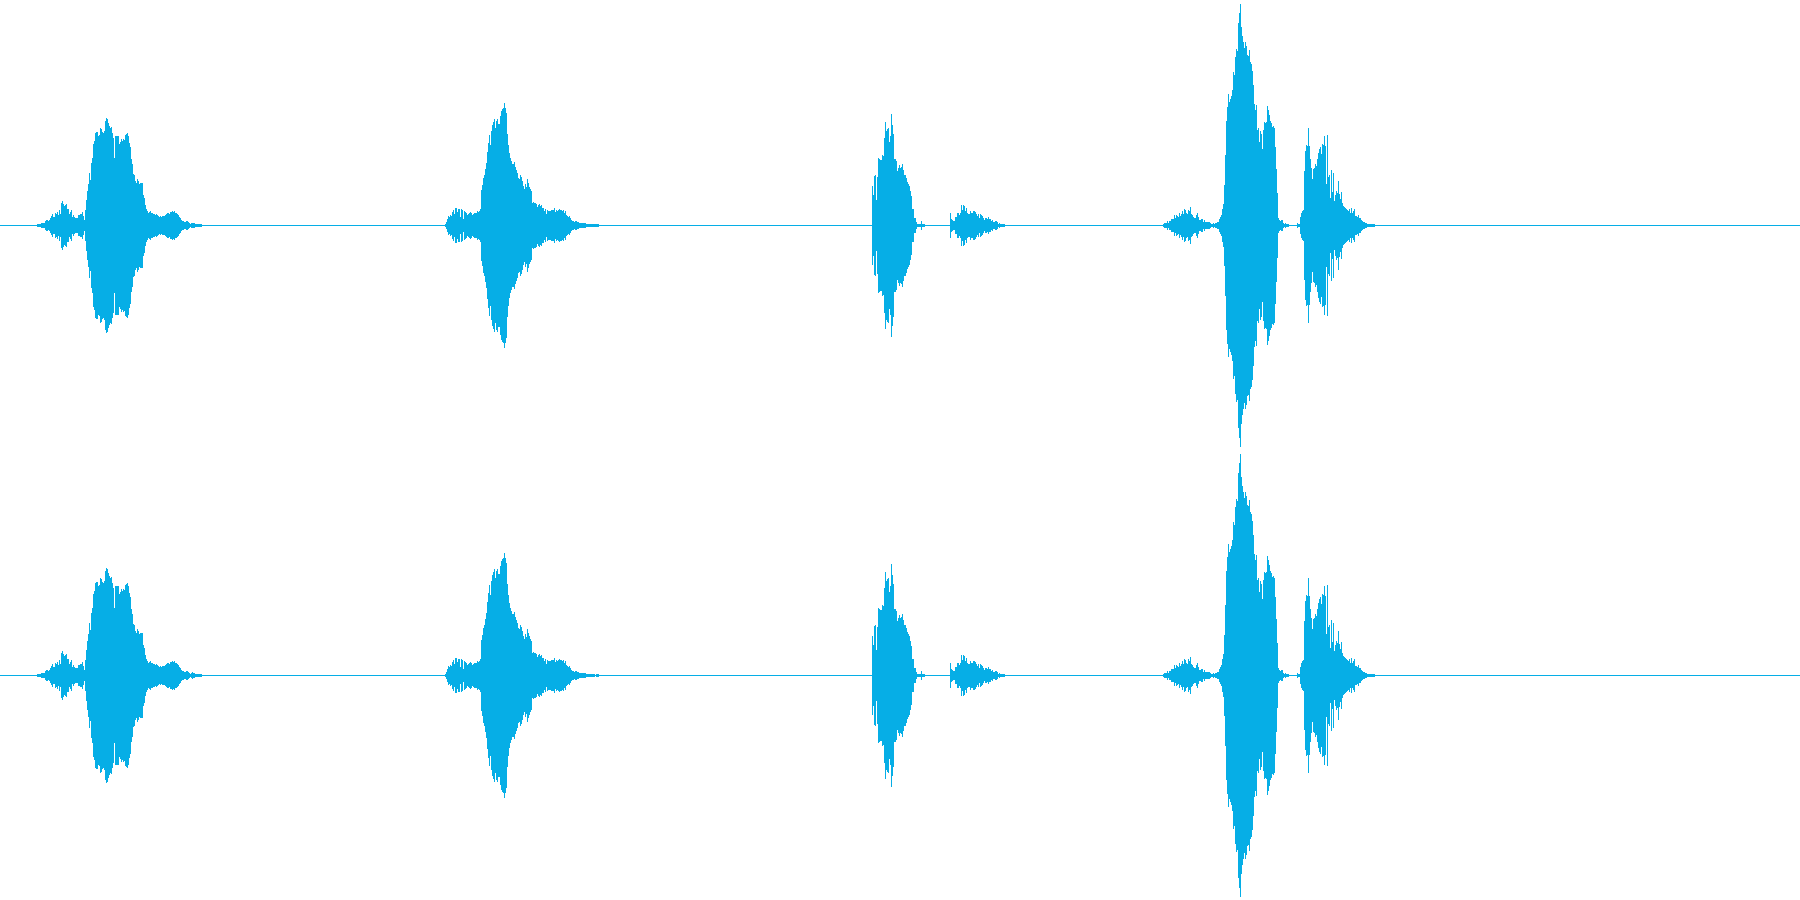 3(さん)・2(に)・1(いち)・スタ…の再生済みの波形